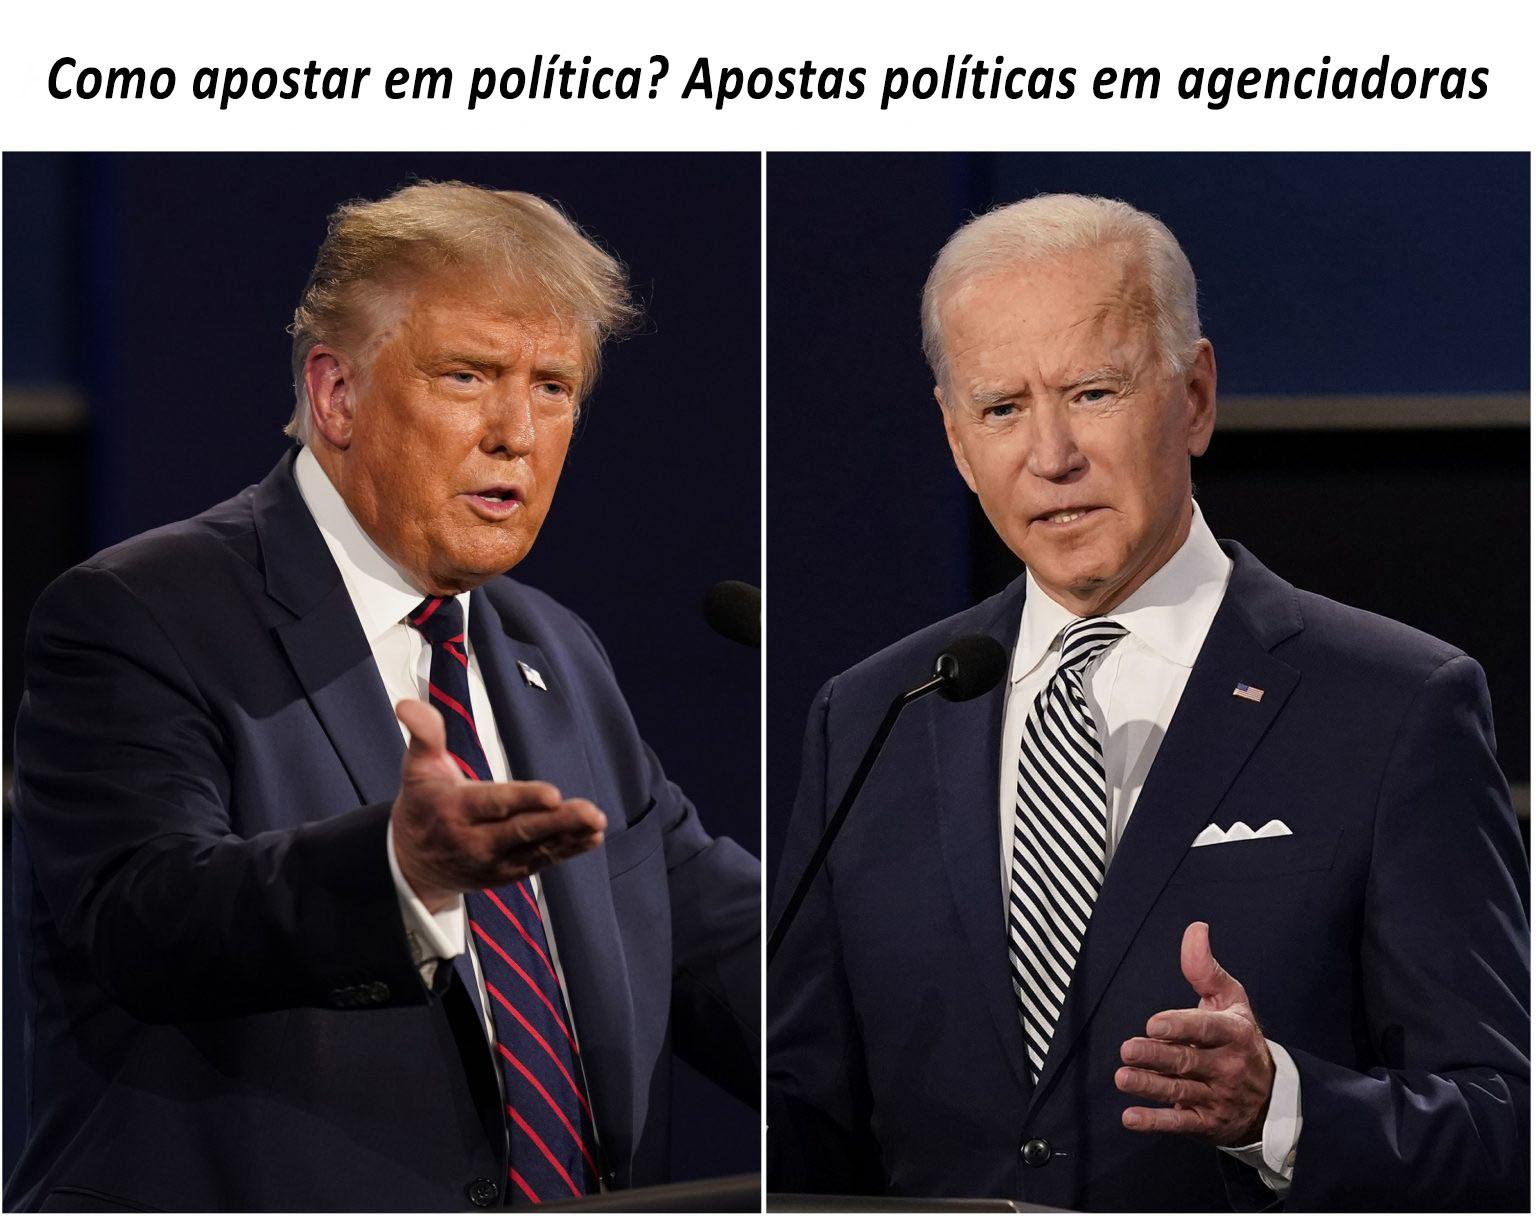 Apostar em política